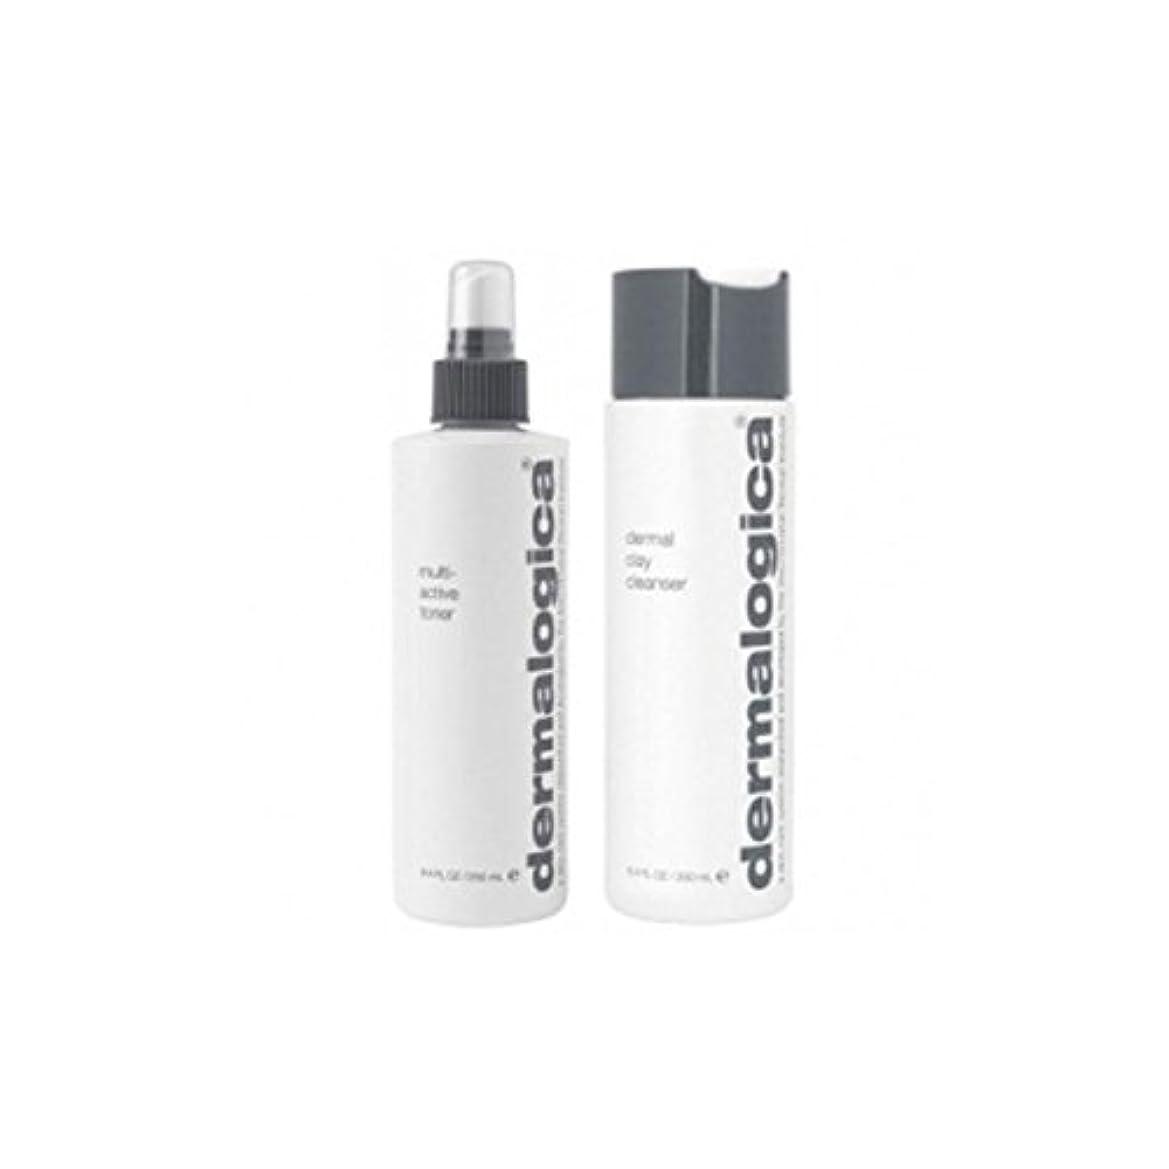 内部非常にワックスダーマロジカクレンジング&トーンデュオ - 脂性肌(2製品) x4 - Dermalogica Cleanse & Tone Duo - Oily Skin (2 Products) (Pack of 4) [並行輸入品]